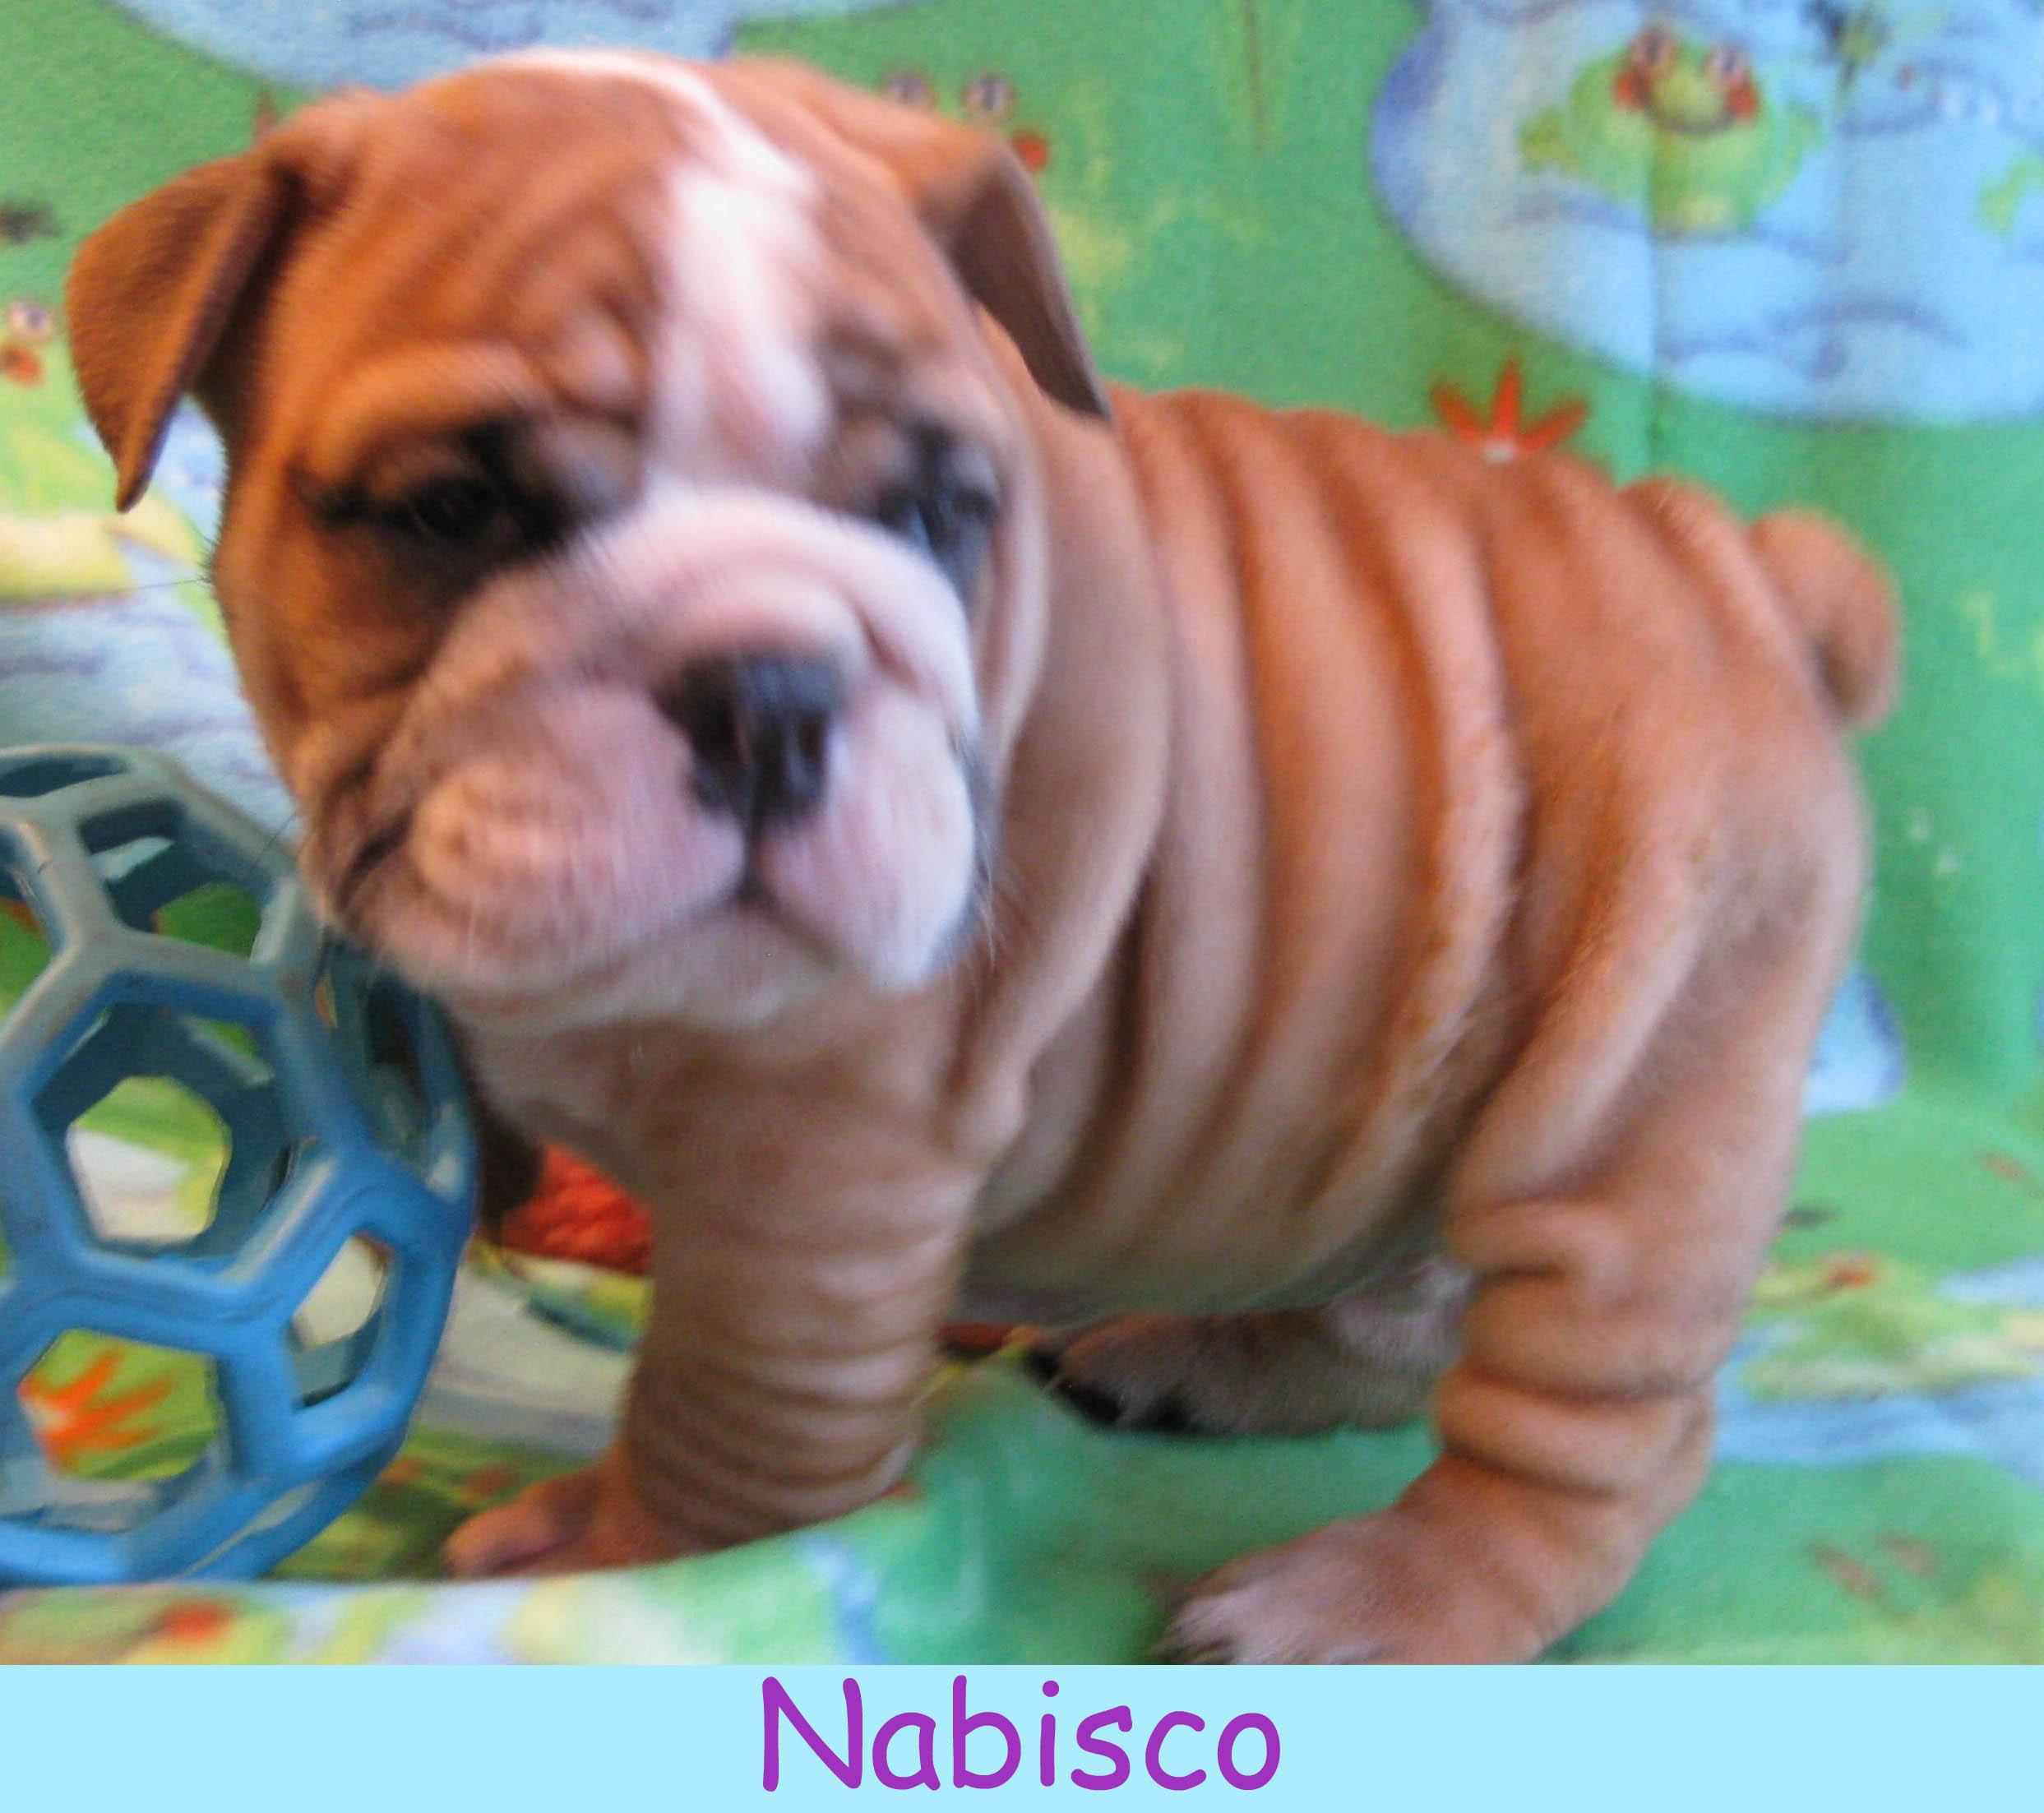 m-nabisco1213.jpg